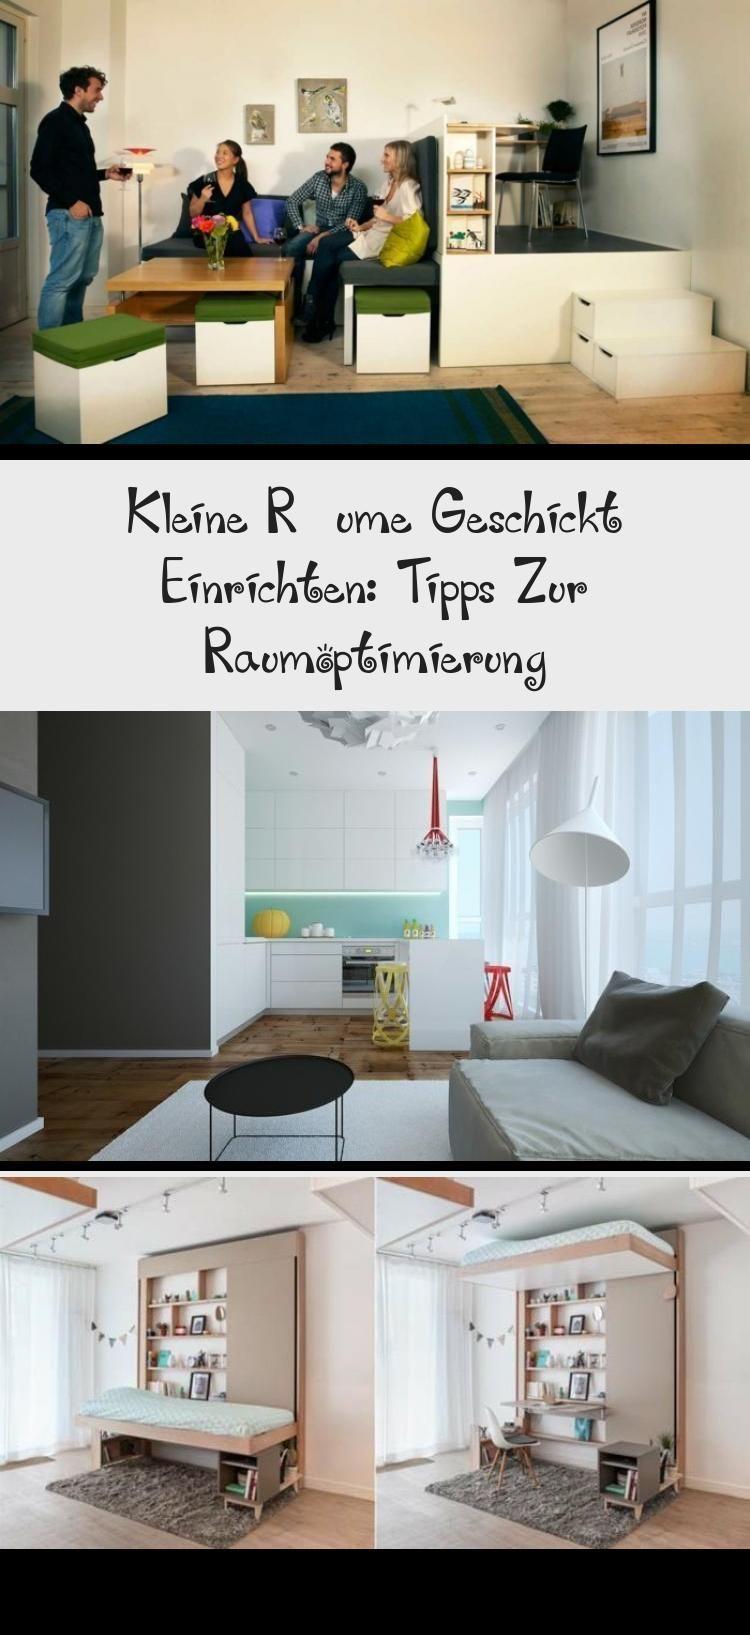 Kleine Raume Geschickt Einrichten Tipps Zur Raumoptimierung Dekoration Flureinrichten 10 Qm Zimmer Einrichten Bett Mit Integriert In 2020 Home Decor Furniture Home